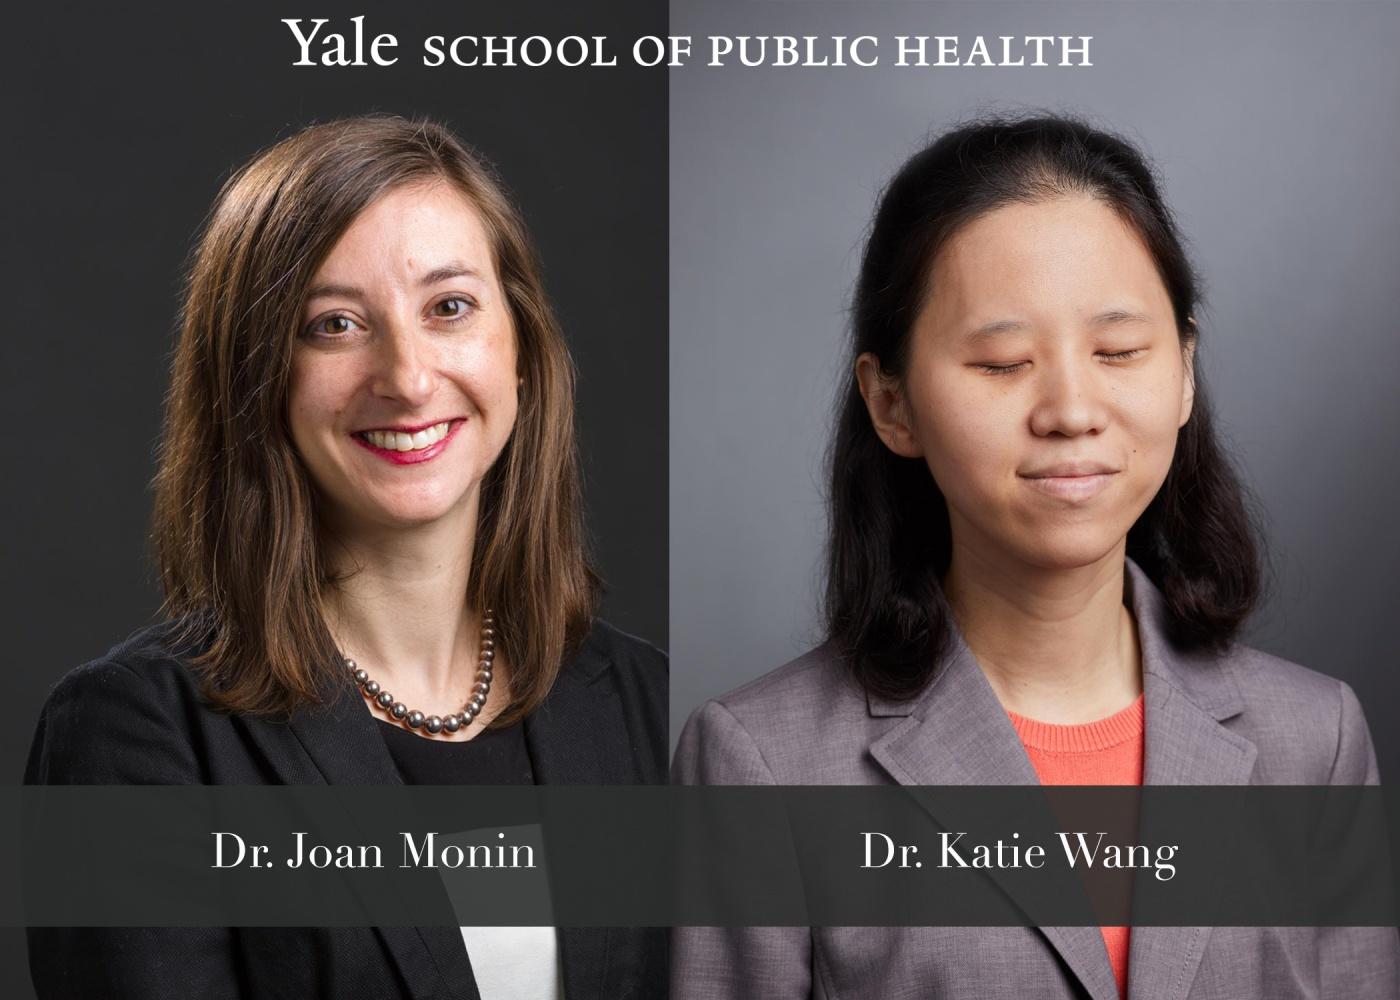 Dr. Joan Monin and Dr. Katie Wang